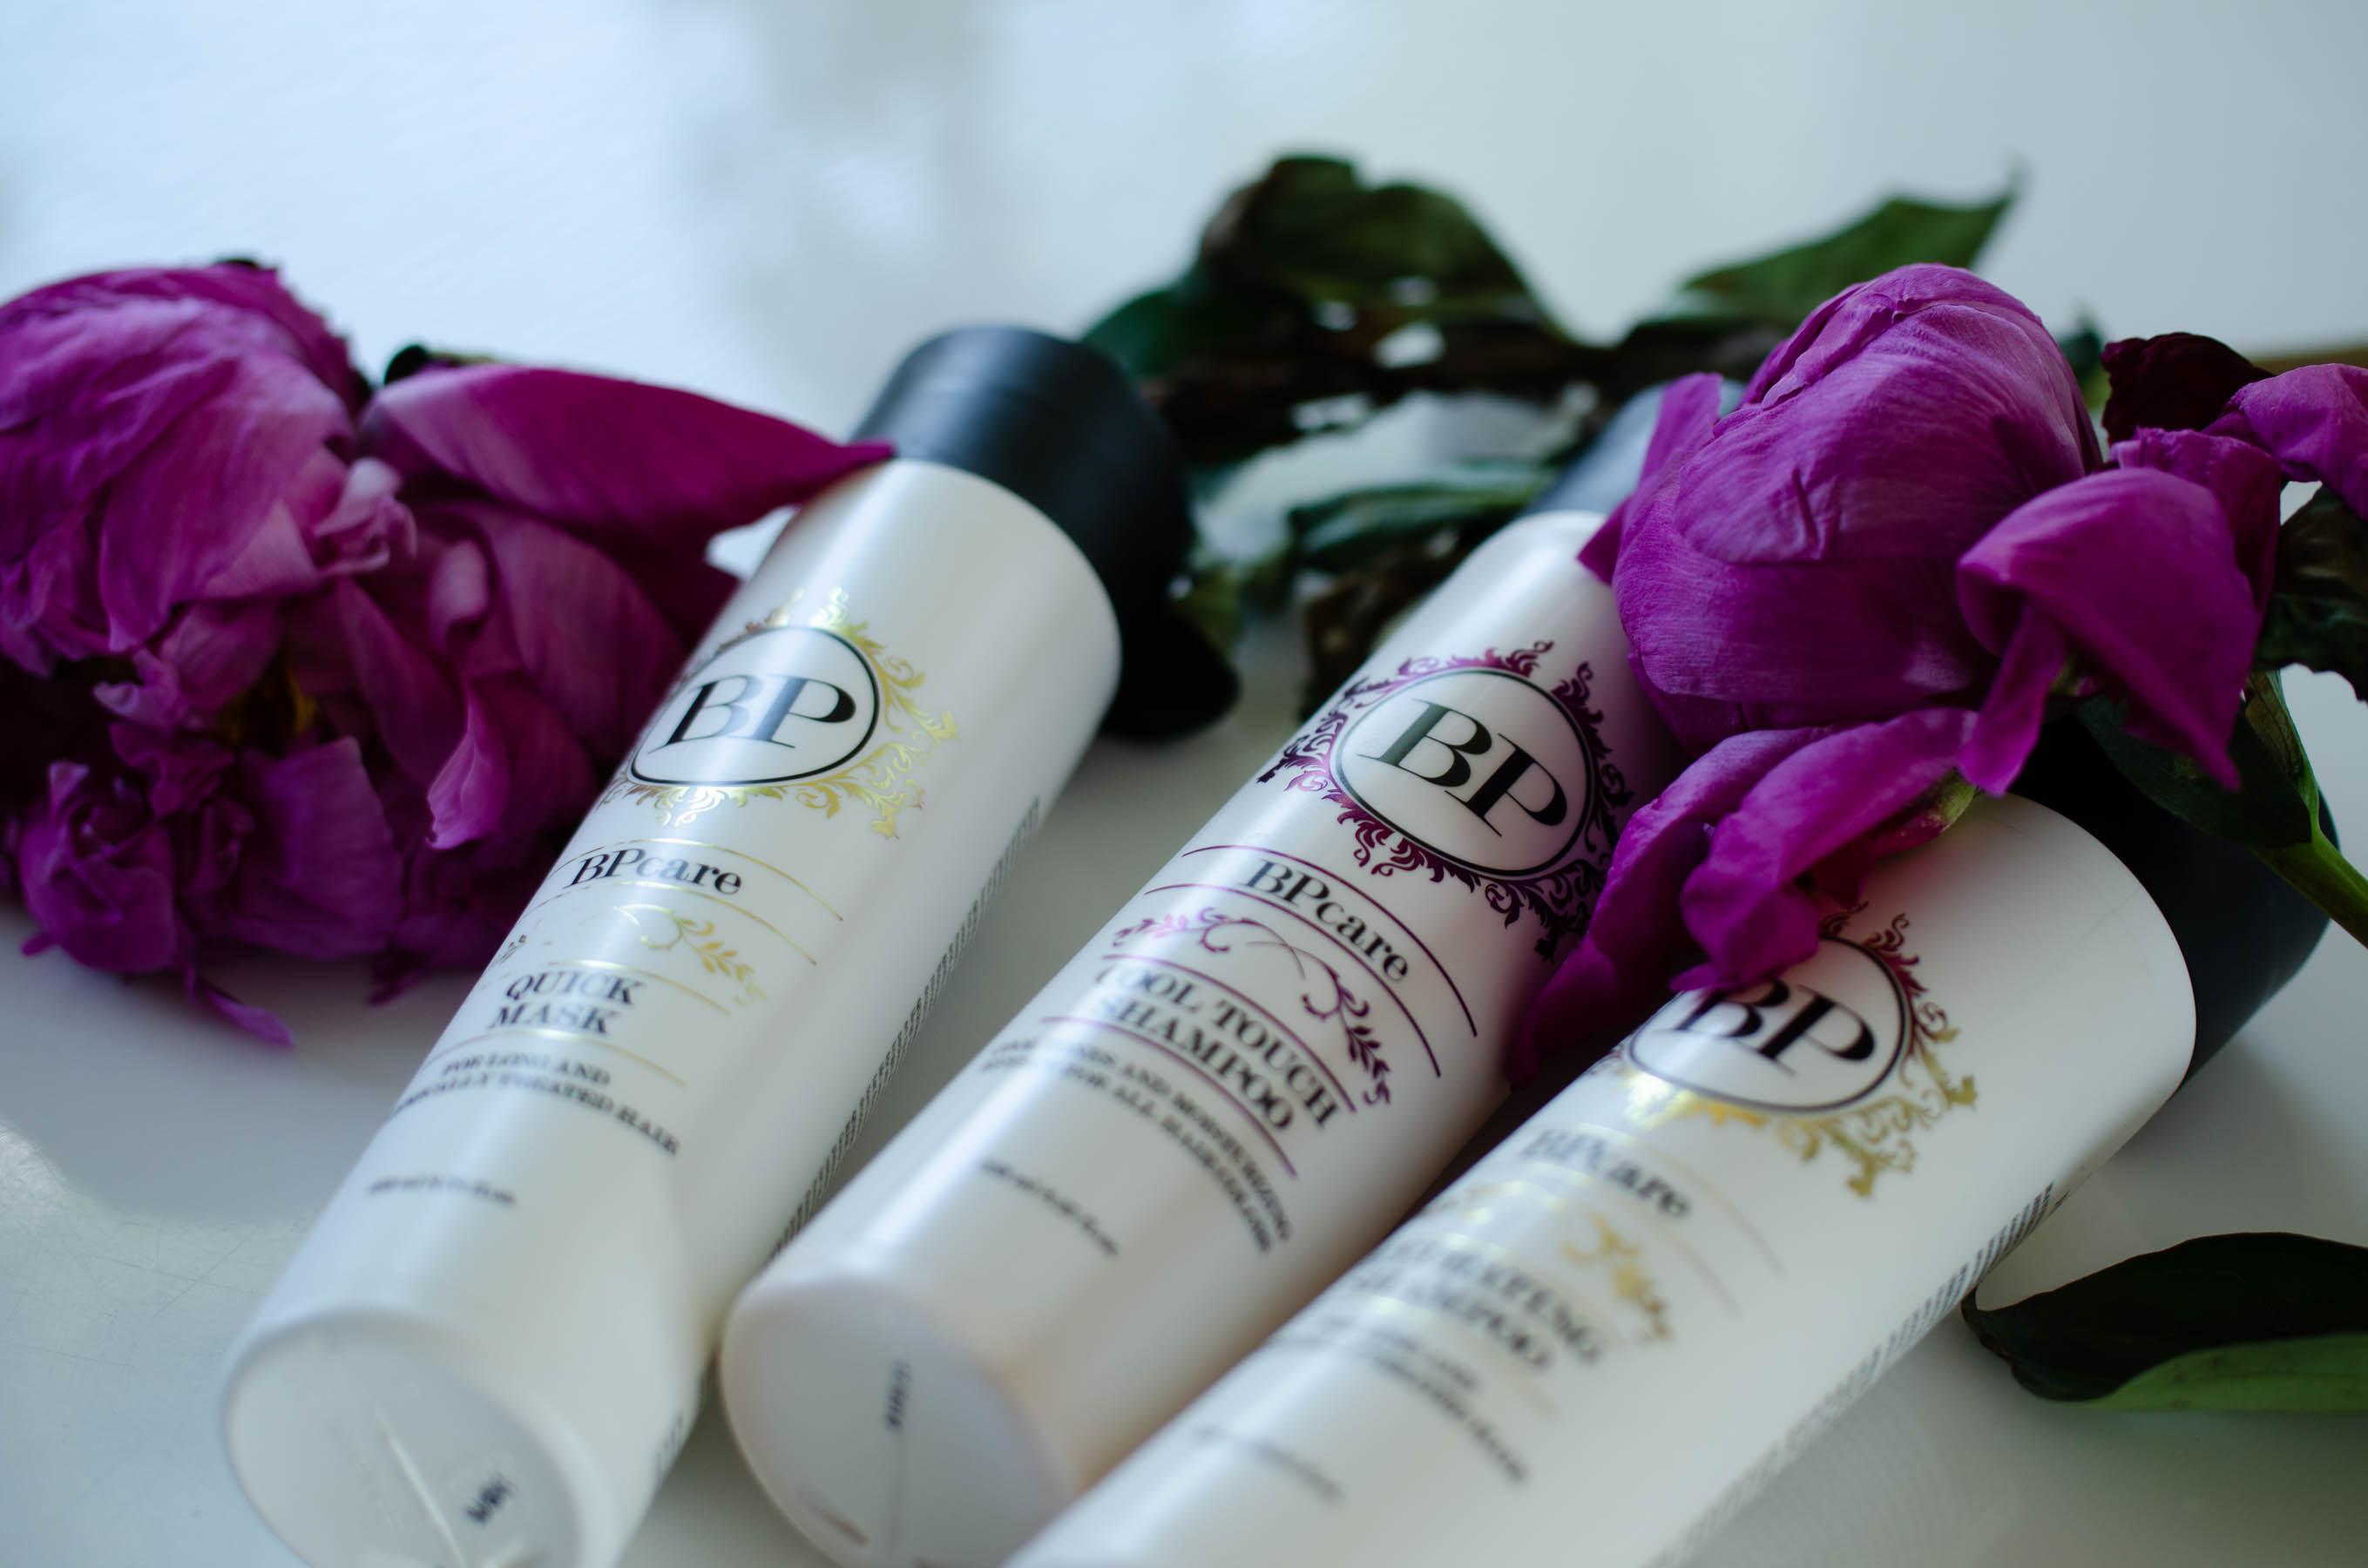 shampoo kuivalle hiustyypille